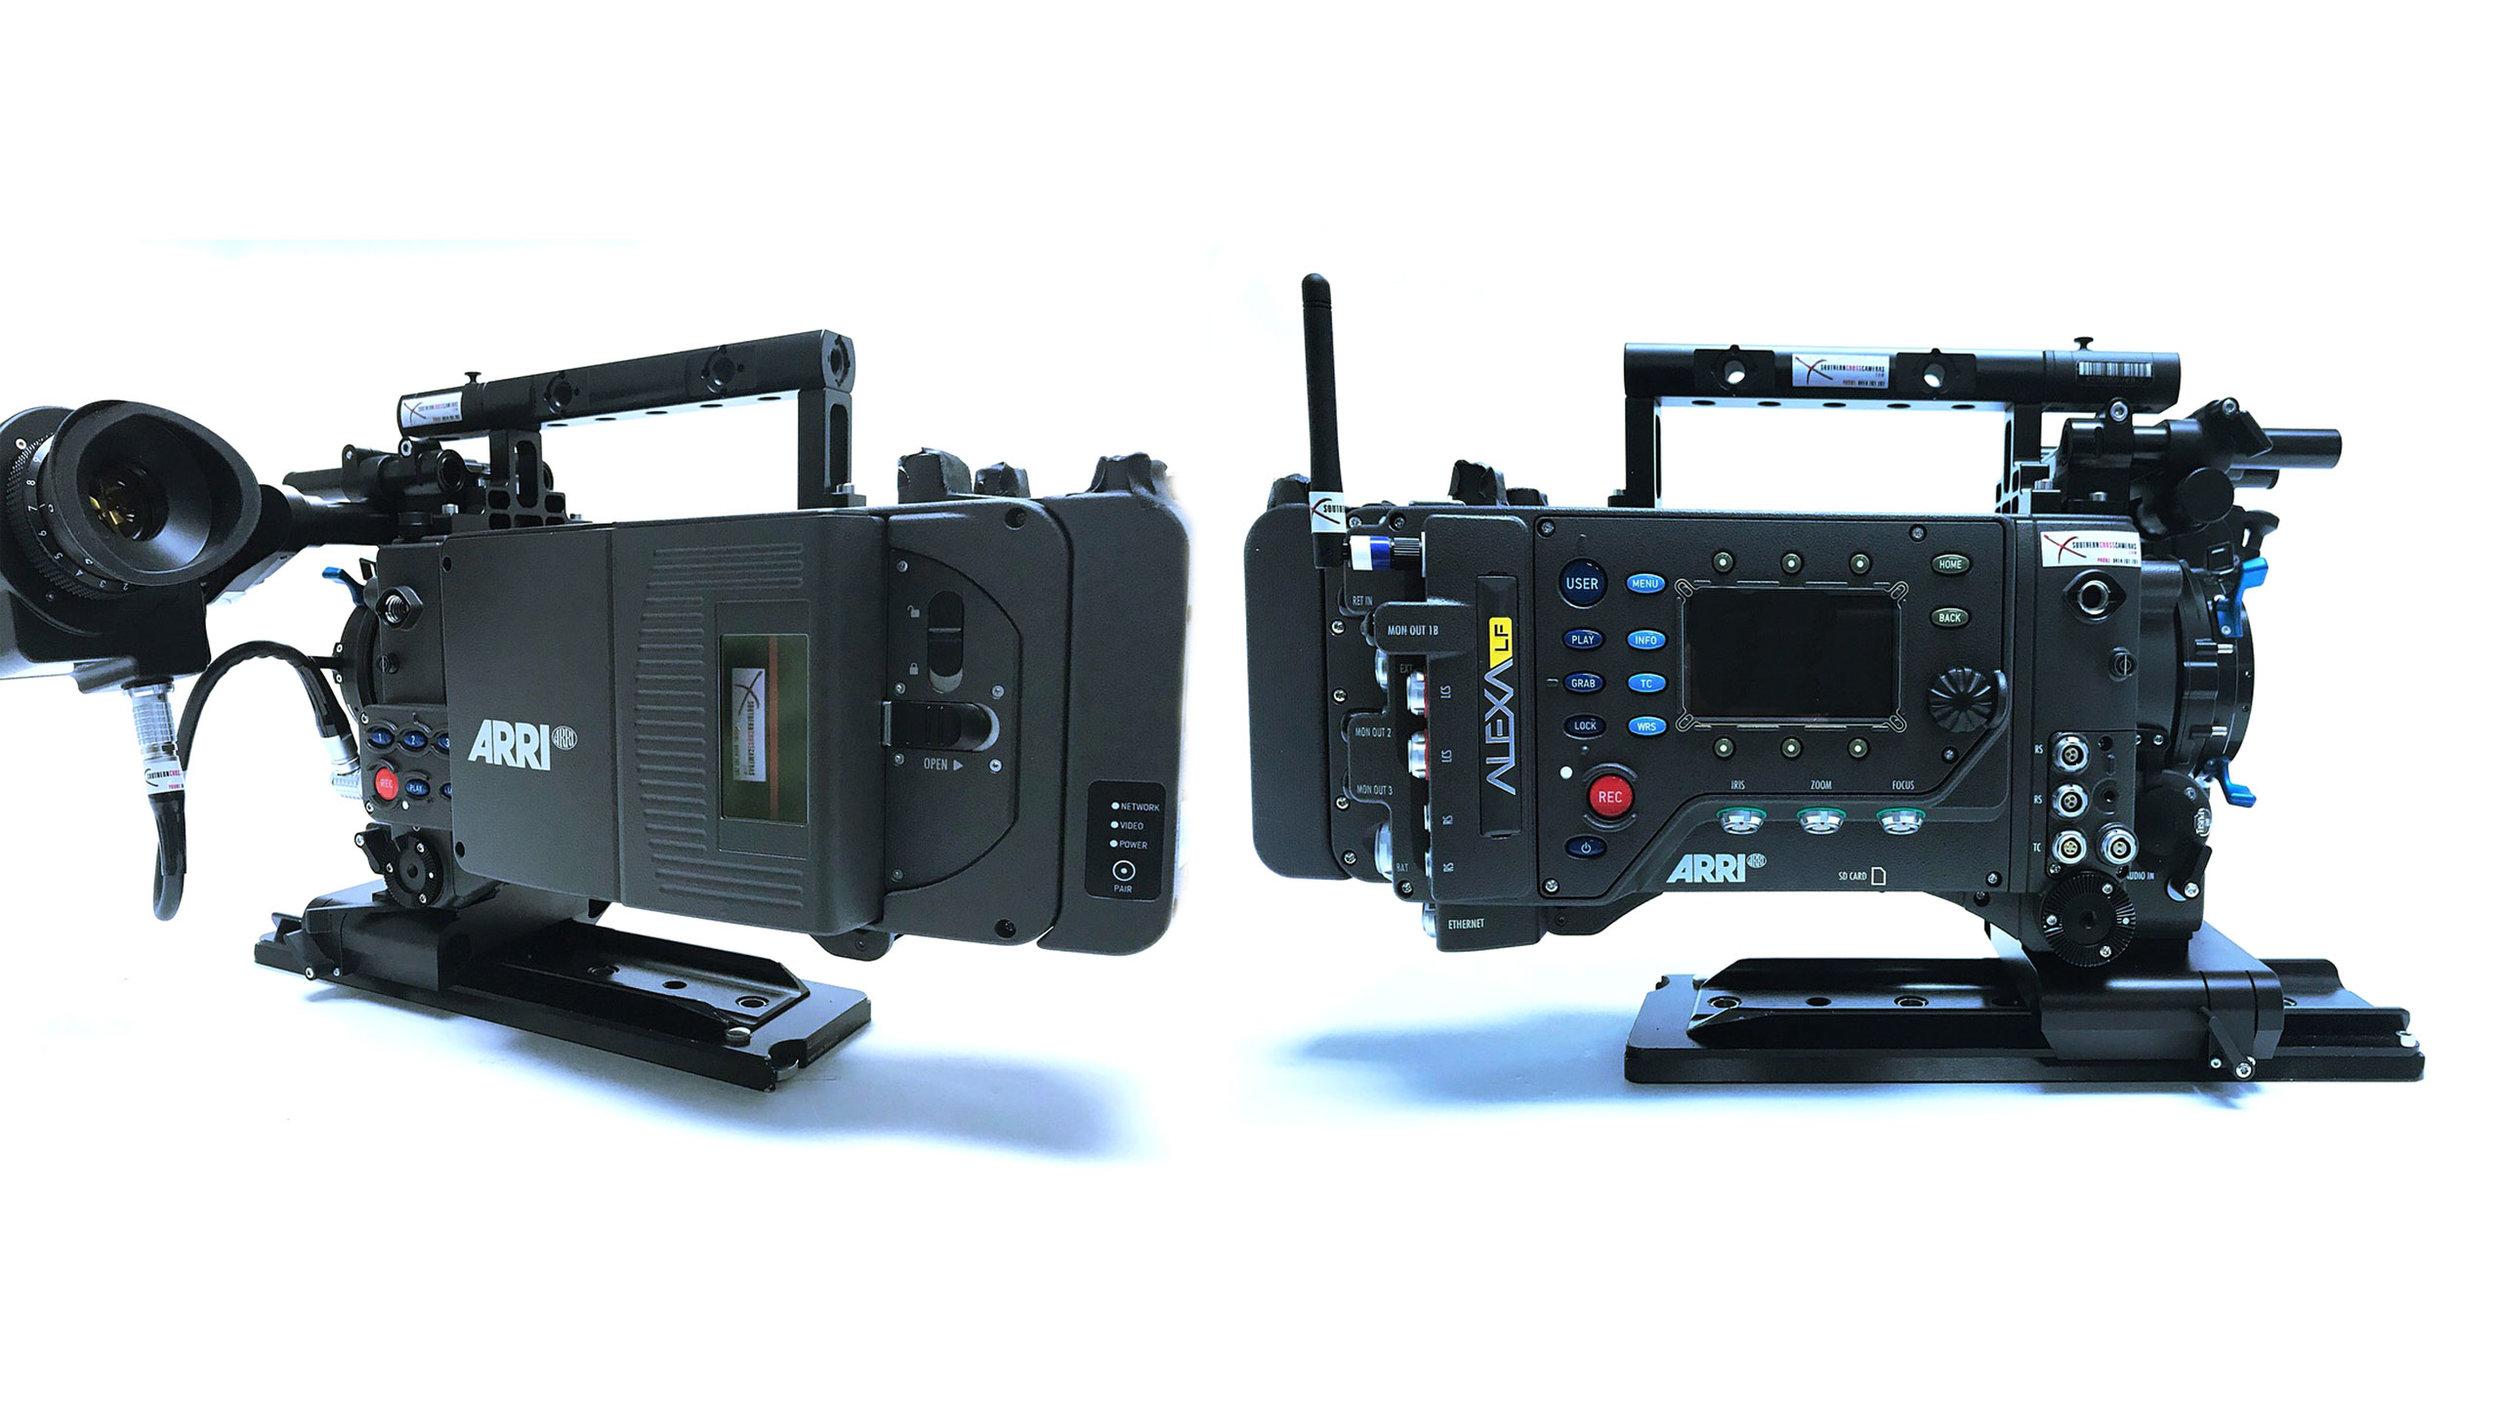 SCC-Camera-ARRIALEXA-LF-v1.jpg